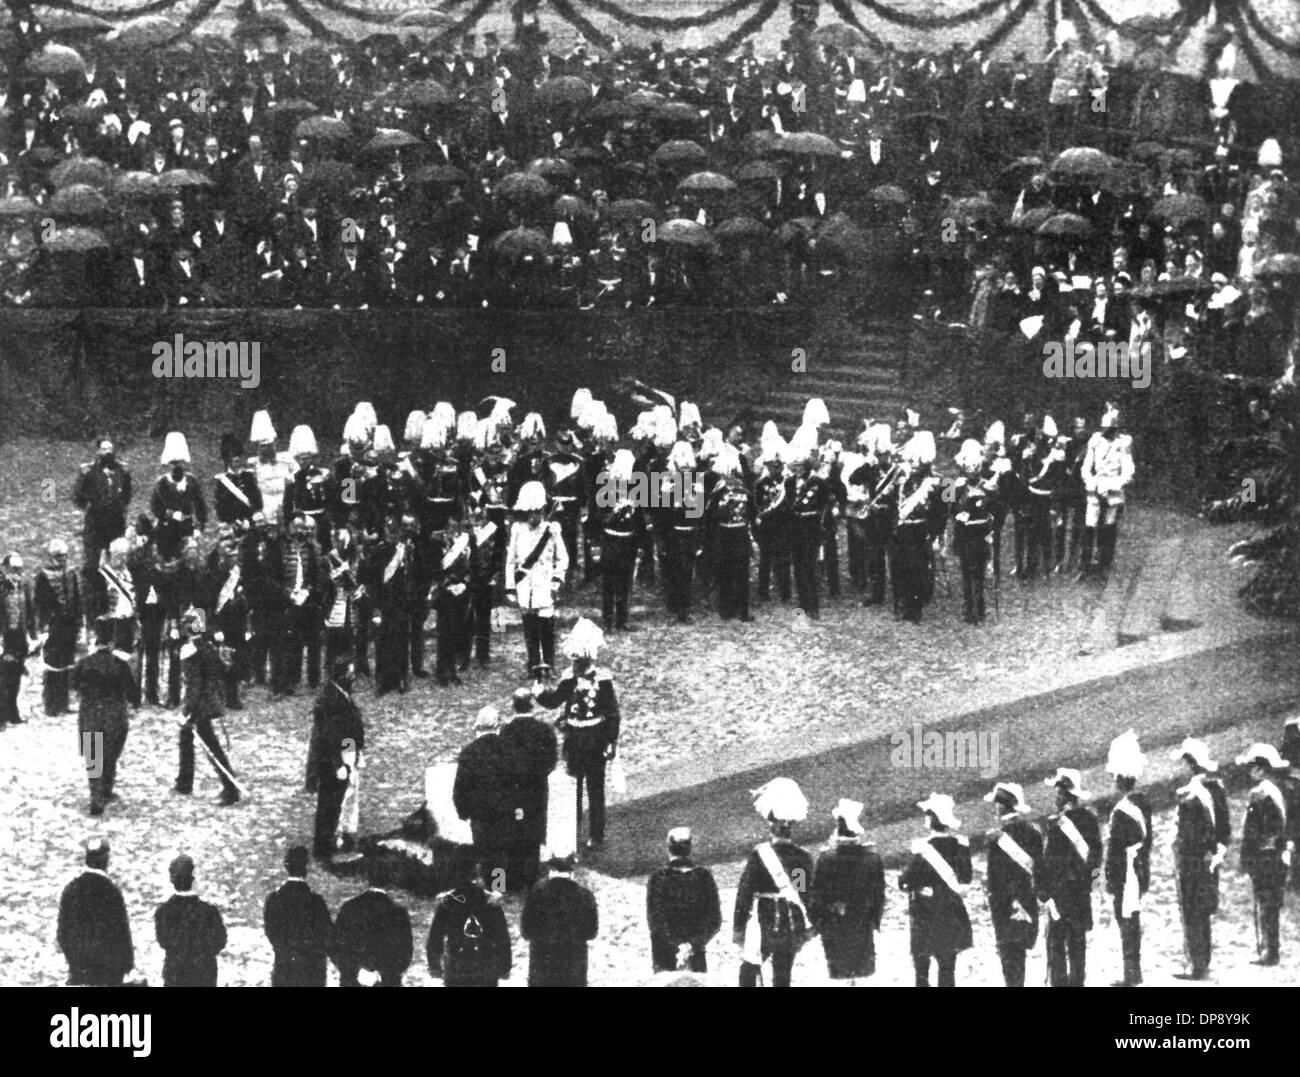 L'empereur Guillaume I. (m) participe à la pose de la première pierre pour le nouveau Reichstag à Berlin en 1884. Le chancelier impérial Otto von Bismarck effectue le coup de marteau derrière l'empereur Guillaume I. Photo Stock